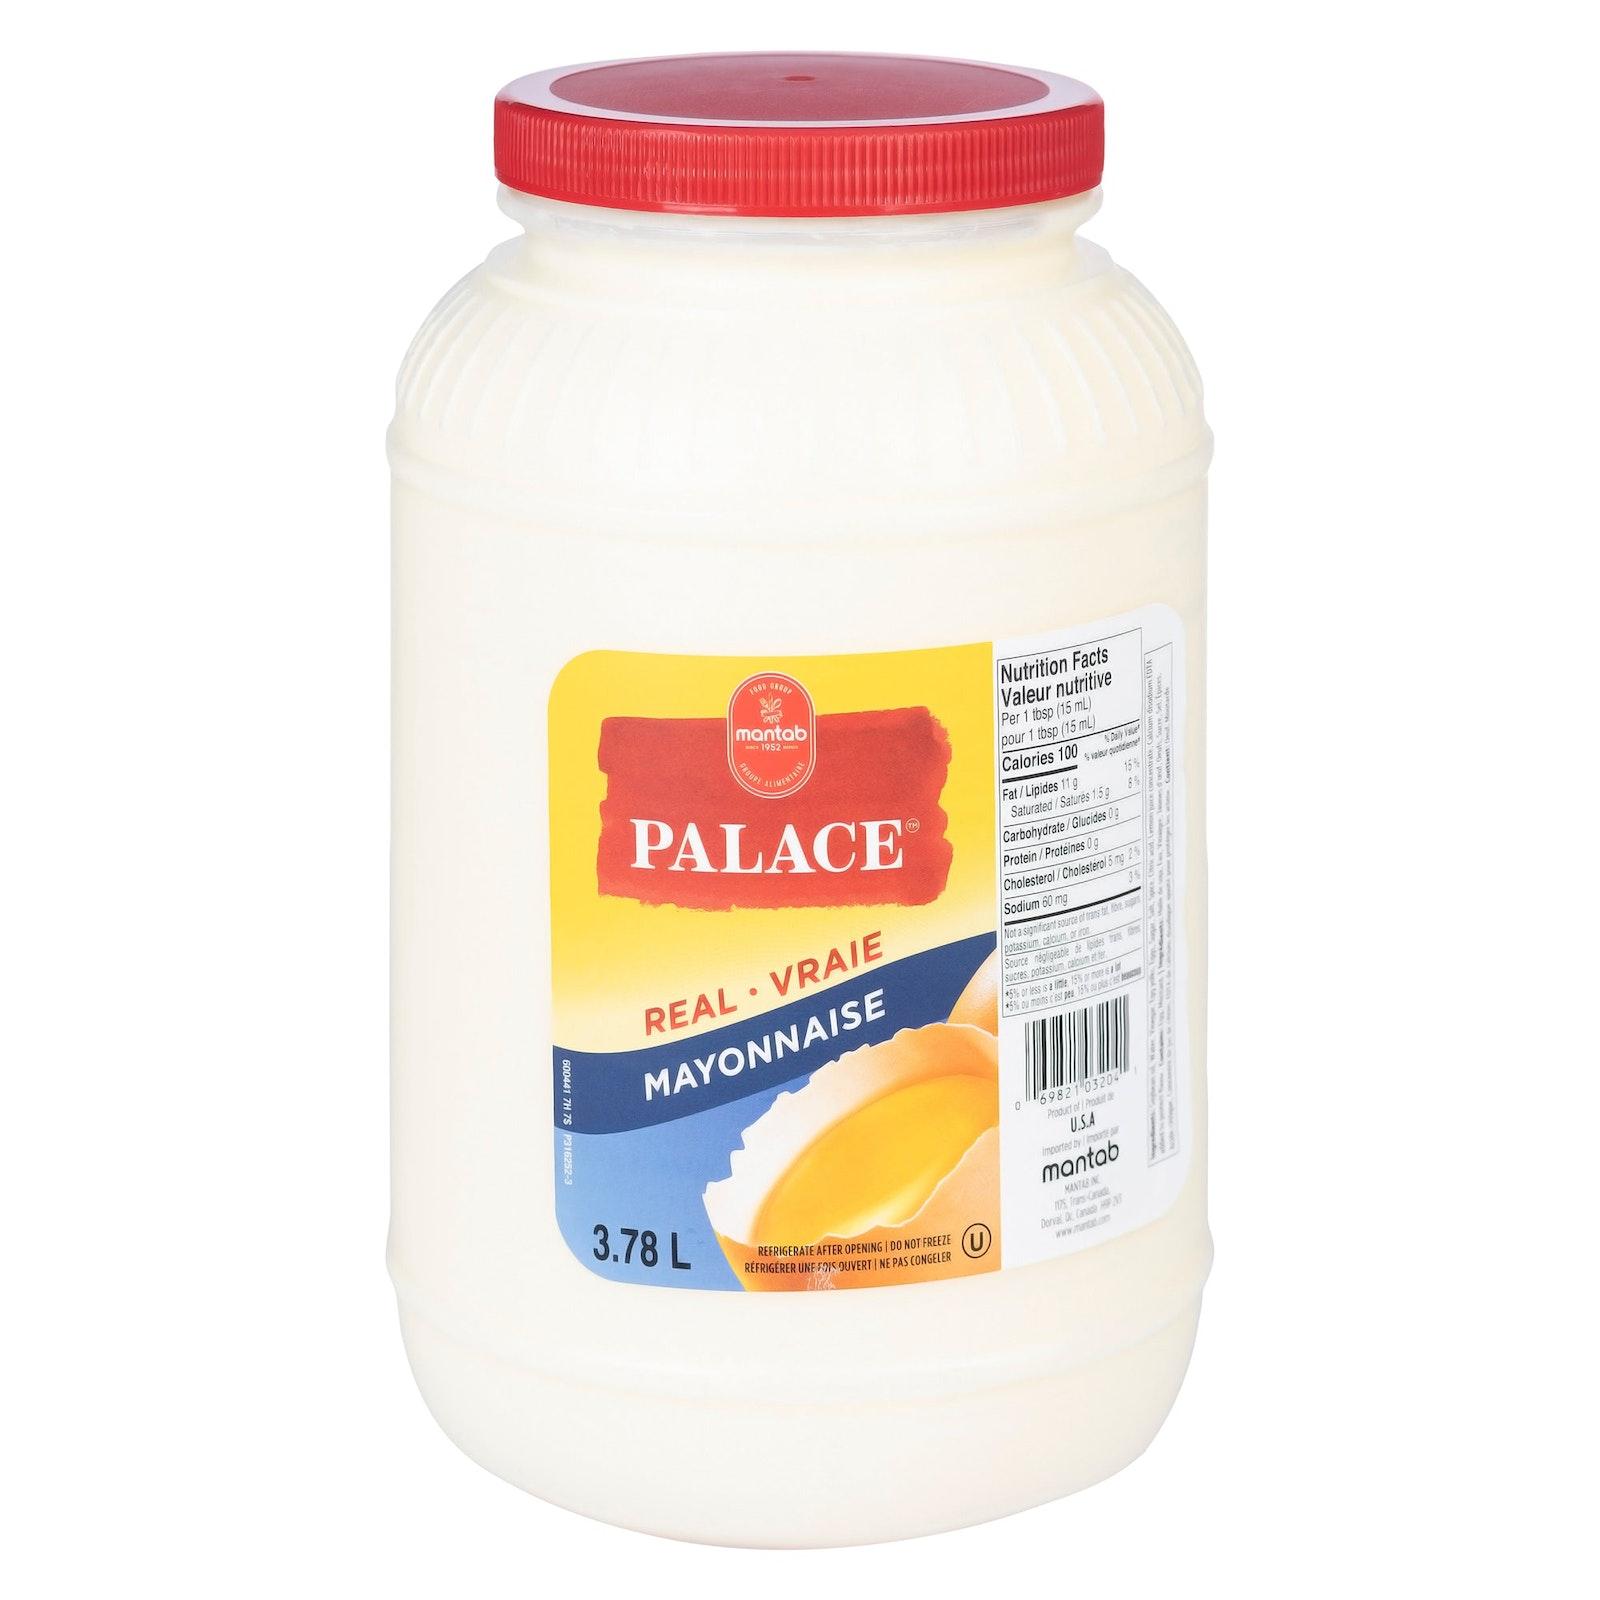 PALACE Mayonnaise 3.8L